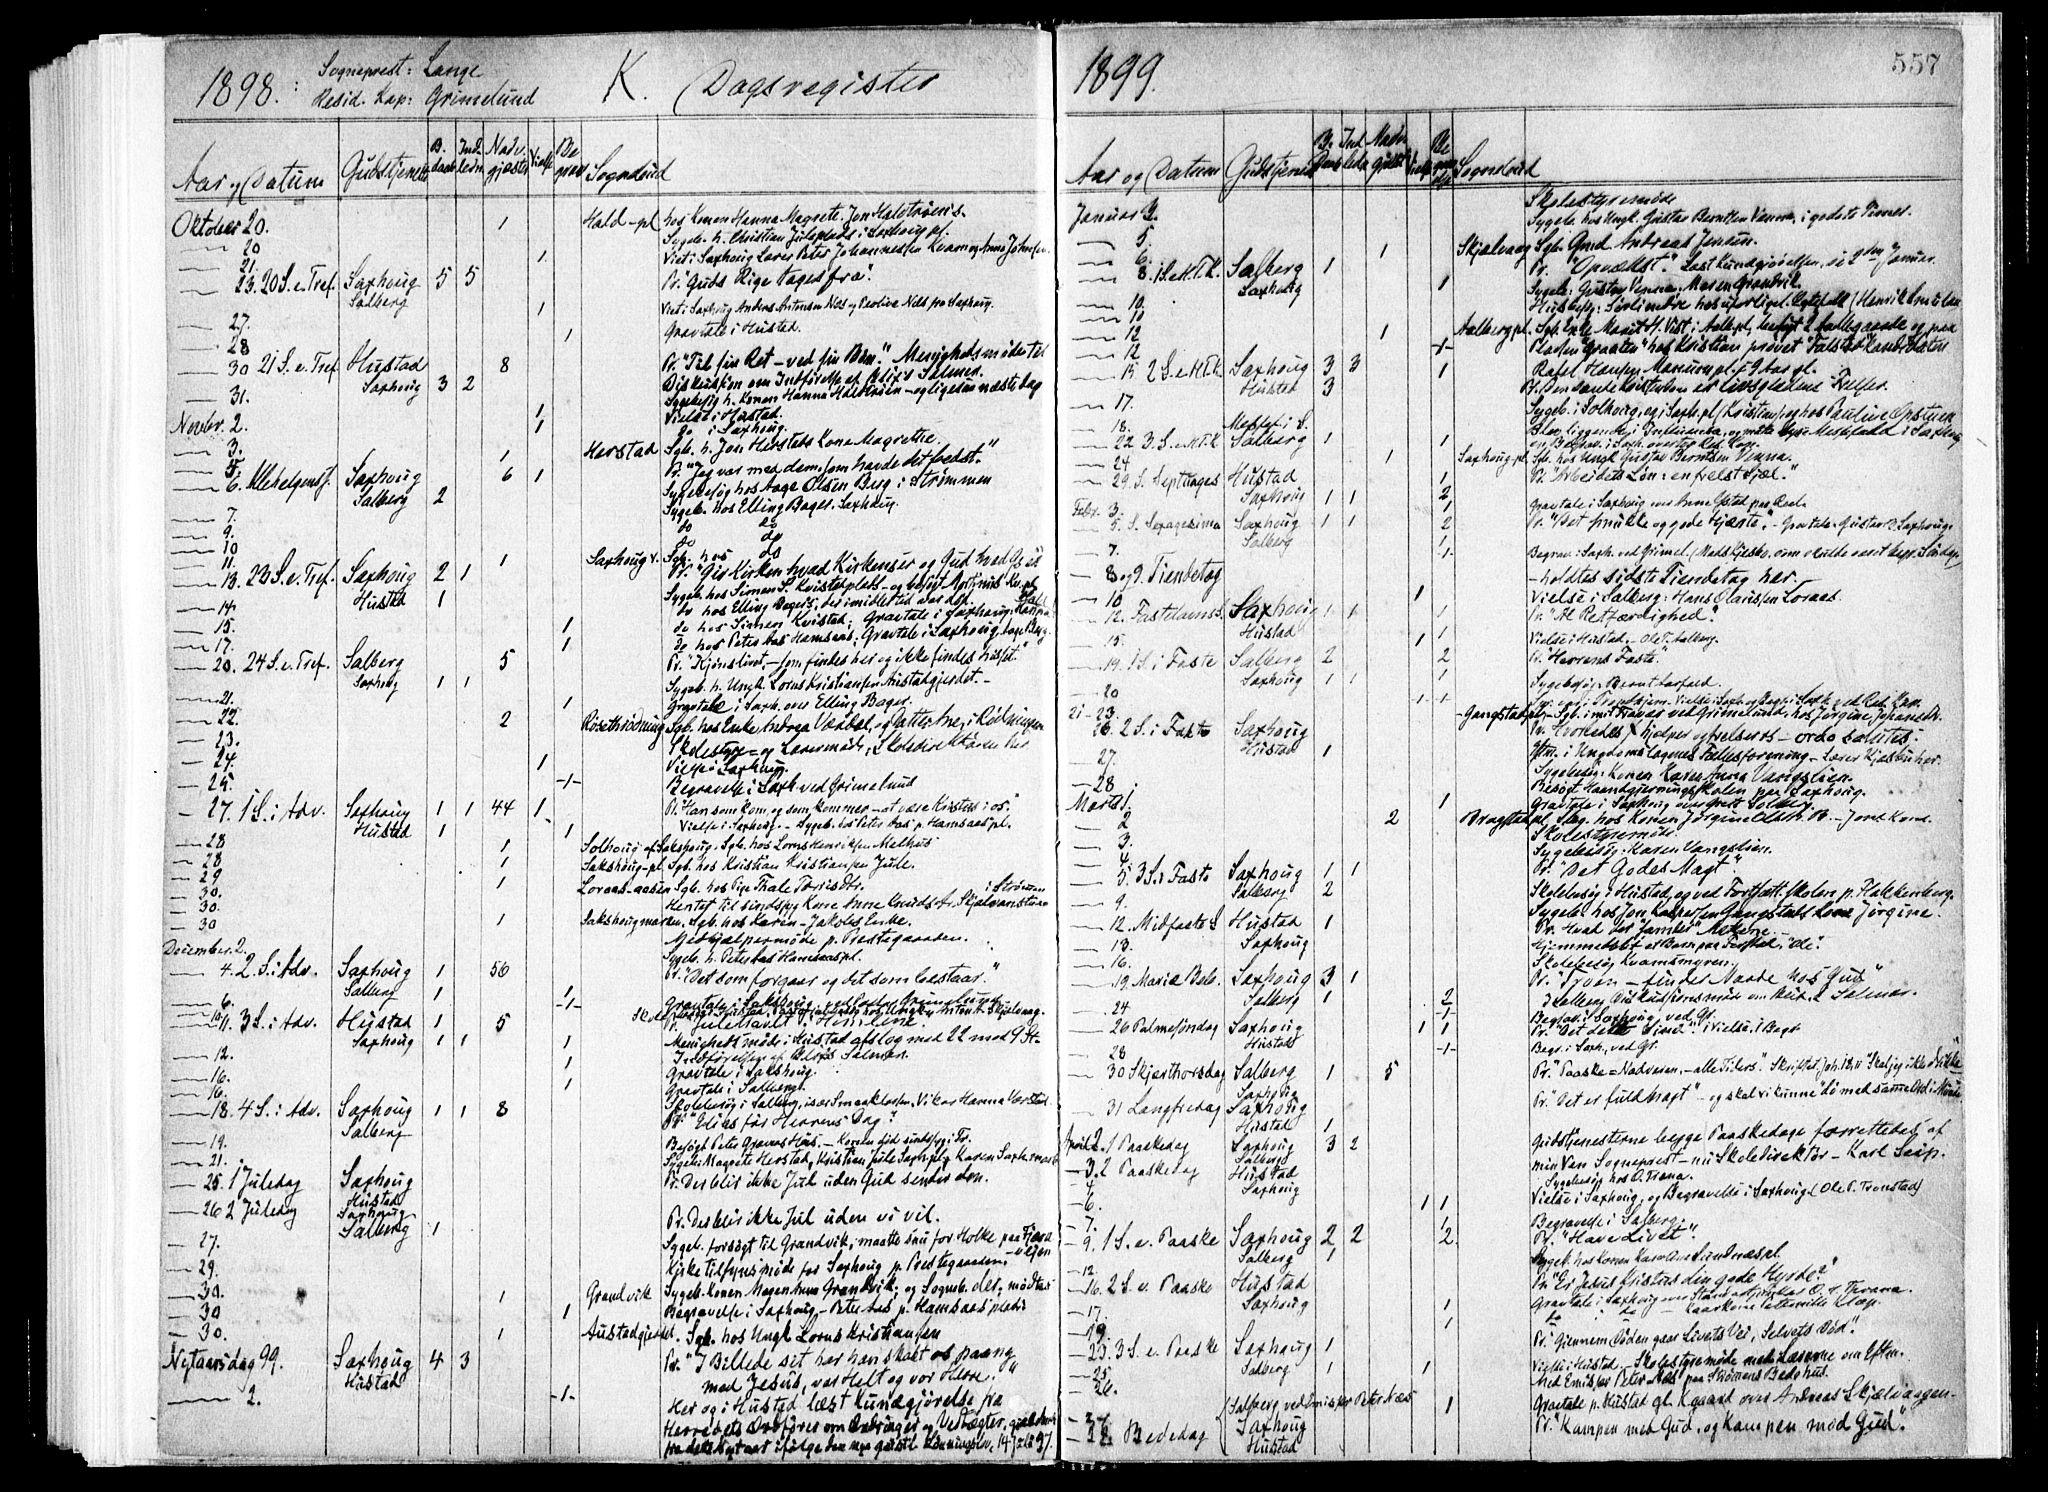 SAT, Ministerialprotokoller, klokkerbøker og fødselsregistre - Nord-Trøndelag, 730/L0285: Ministerialbok nr. 730A10, 1879-1914, s. 557